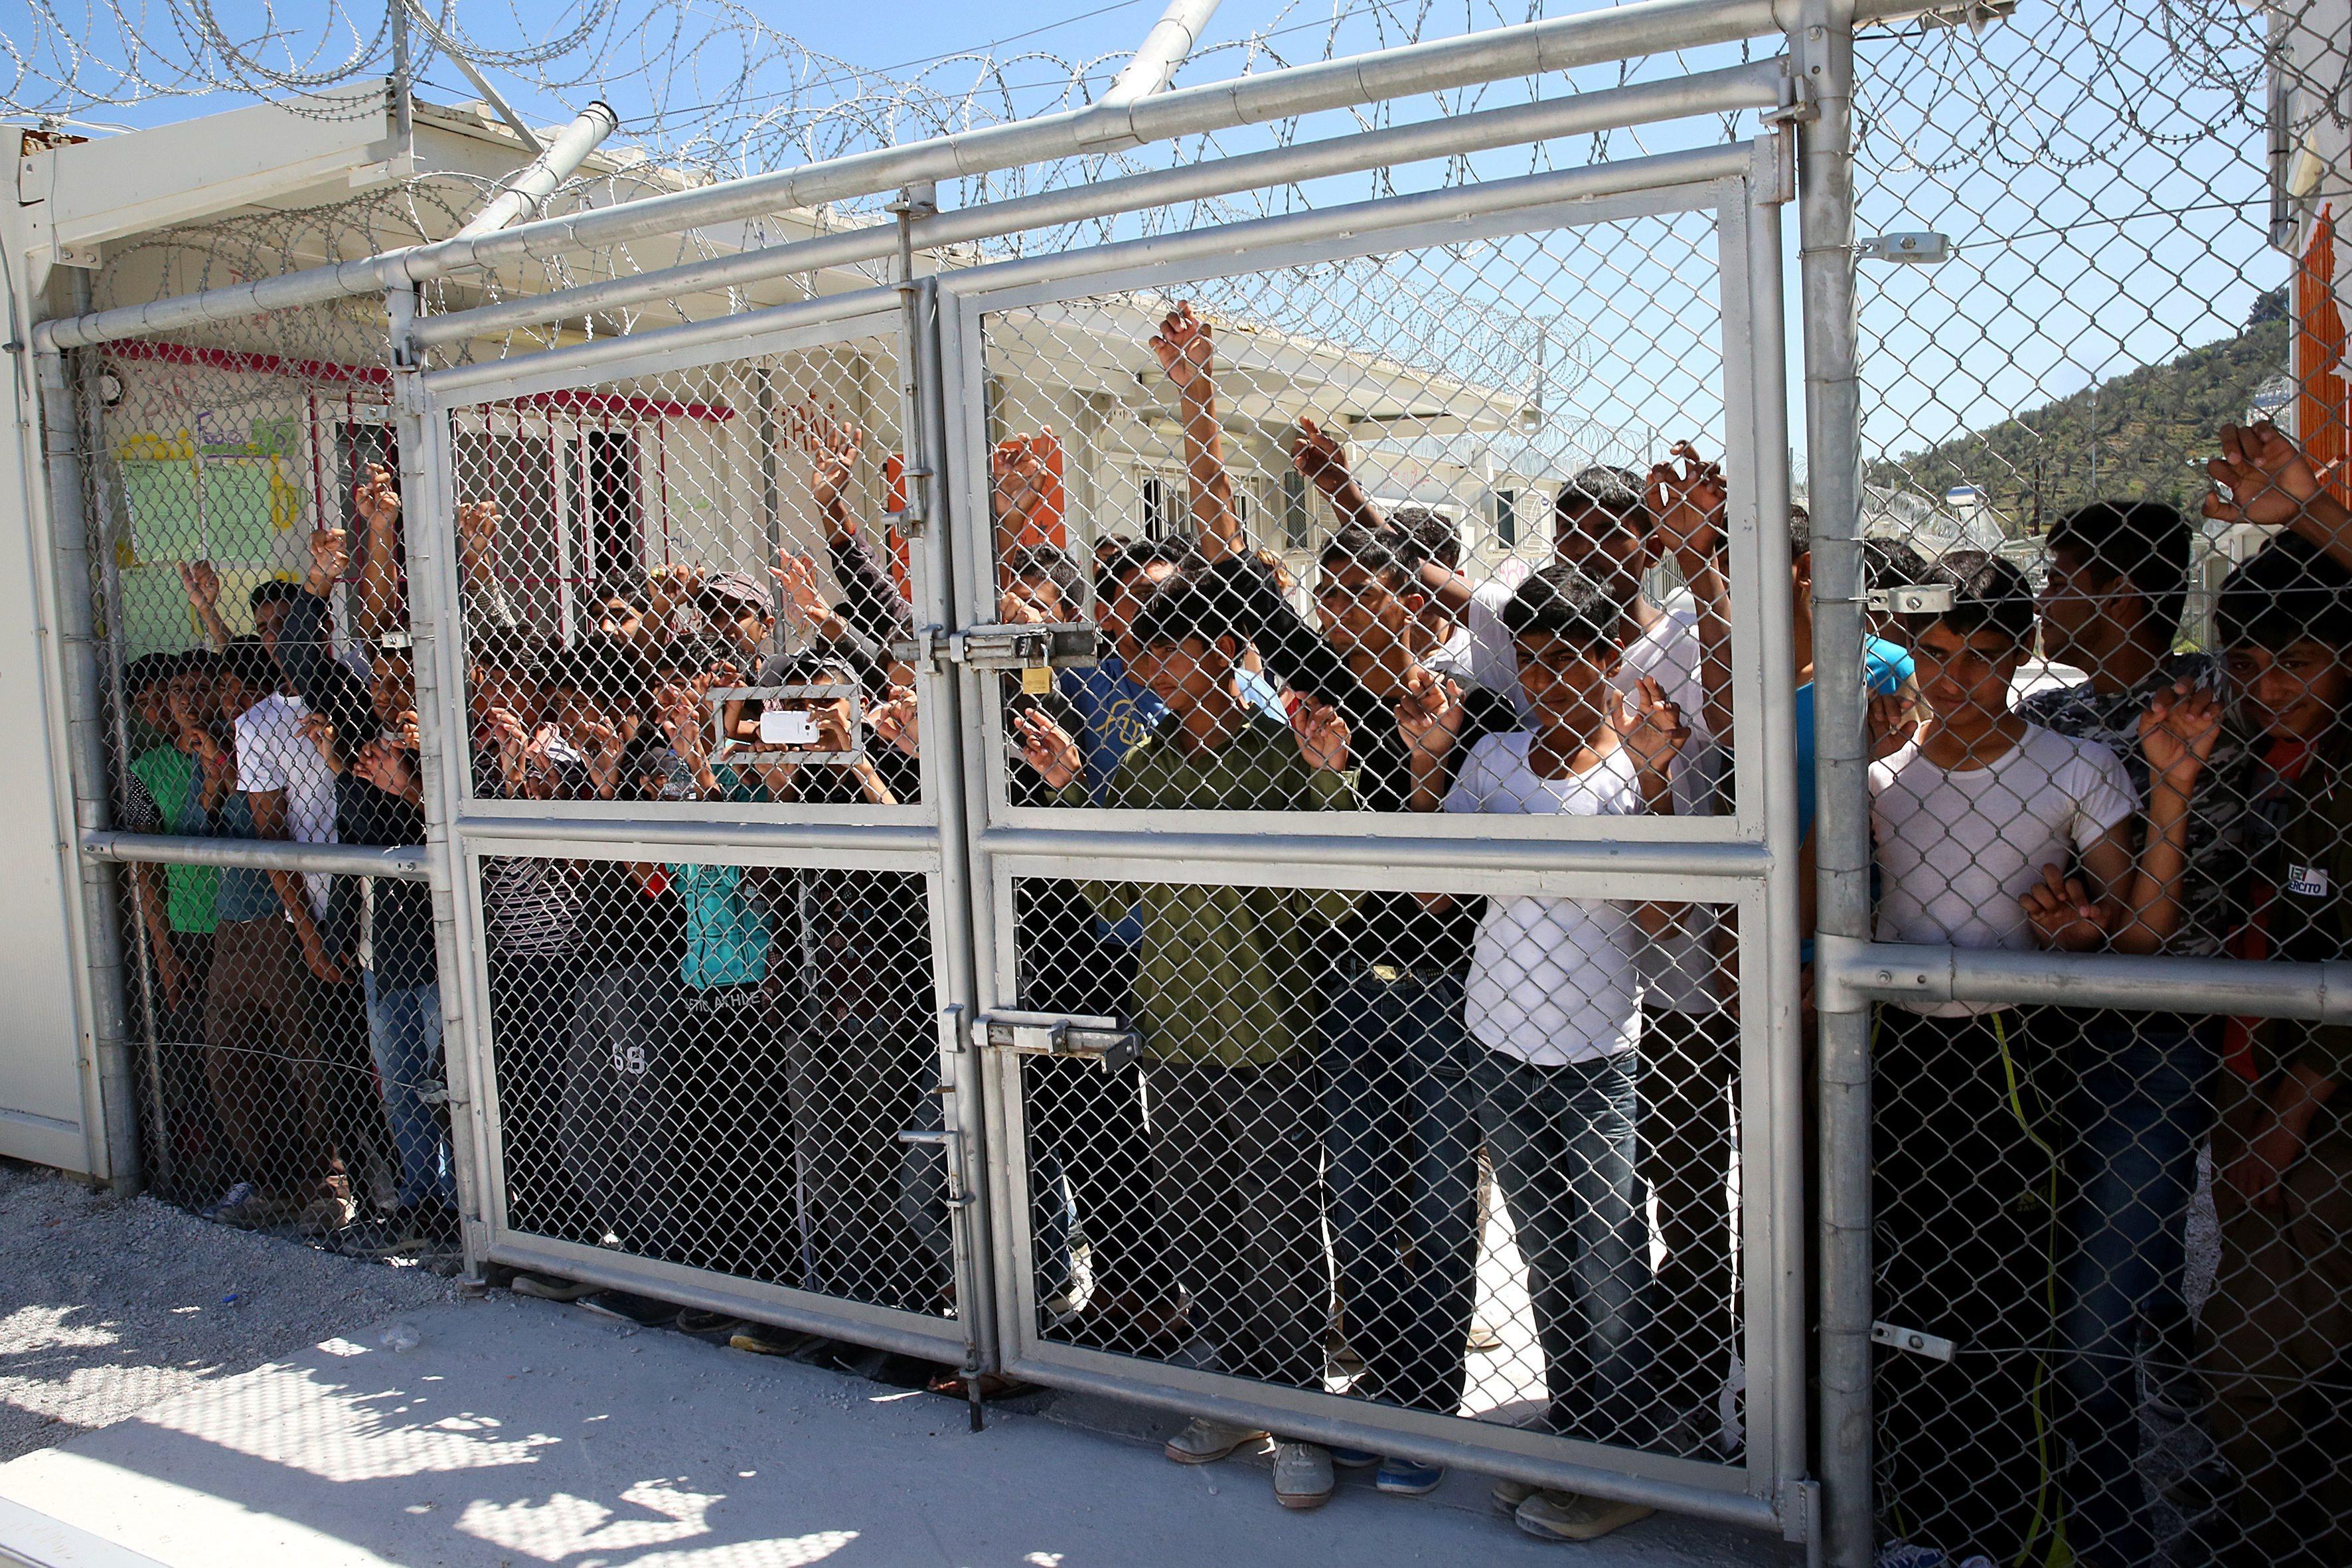 Grécia. Os campos de refugiados no Mar Egeu vão ser encerrados e dar lugar a estruturas com o triplo da capacidade